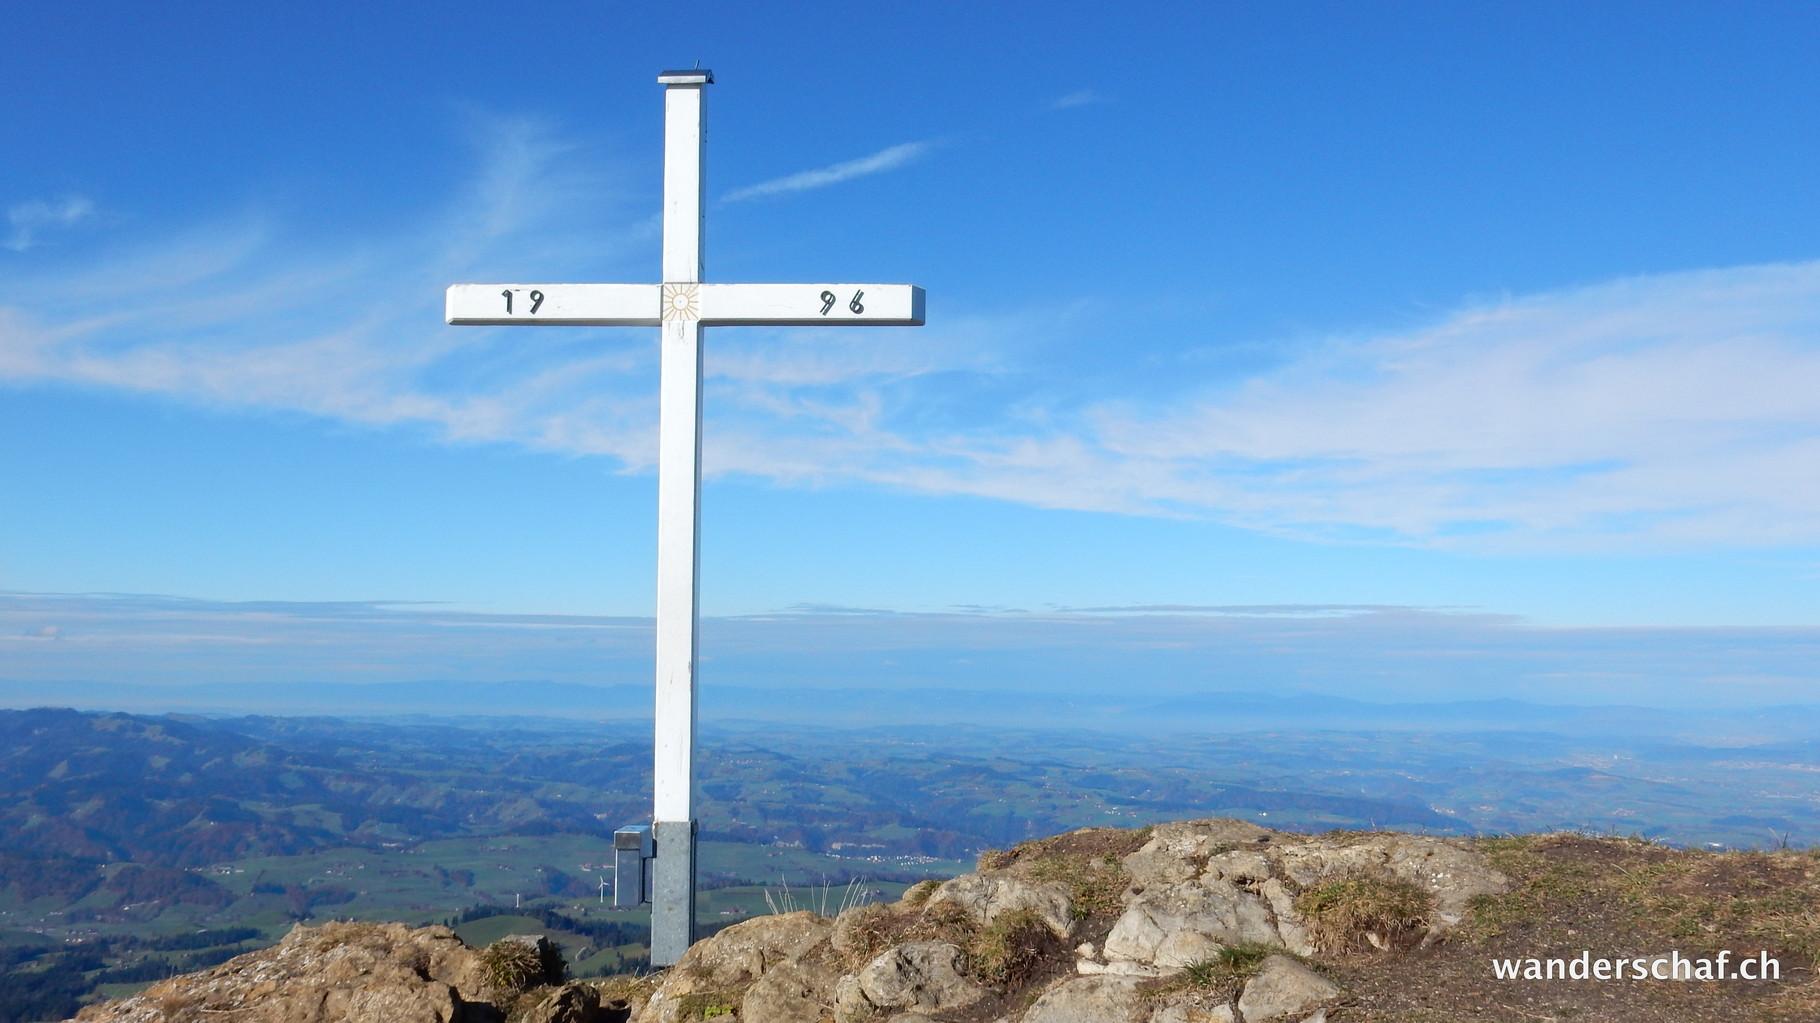 auf dem Blaue Tosse oder gemäss Gipfelbuch auf dem Risetestock